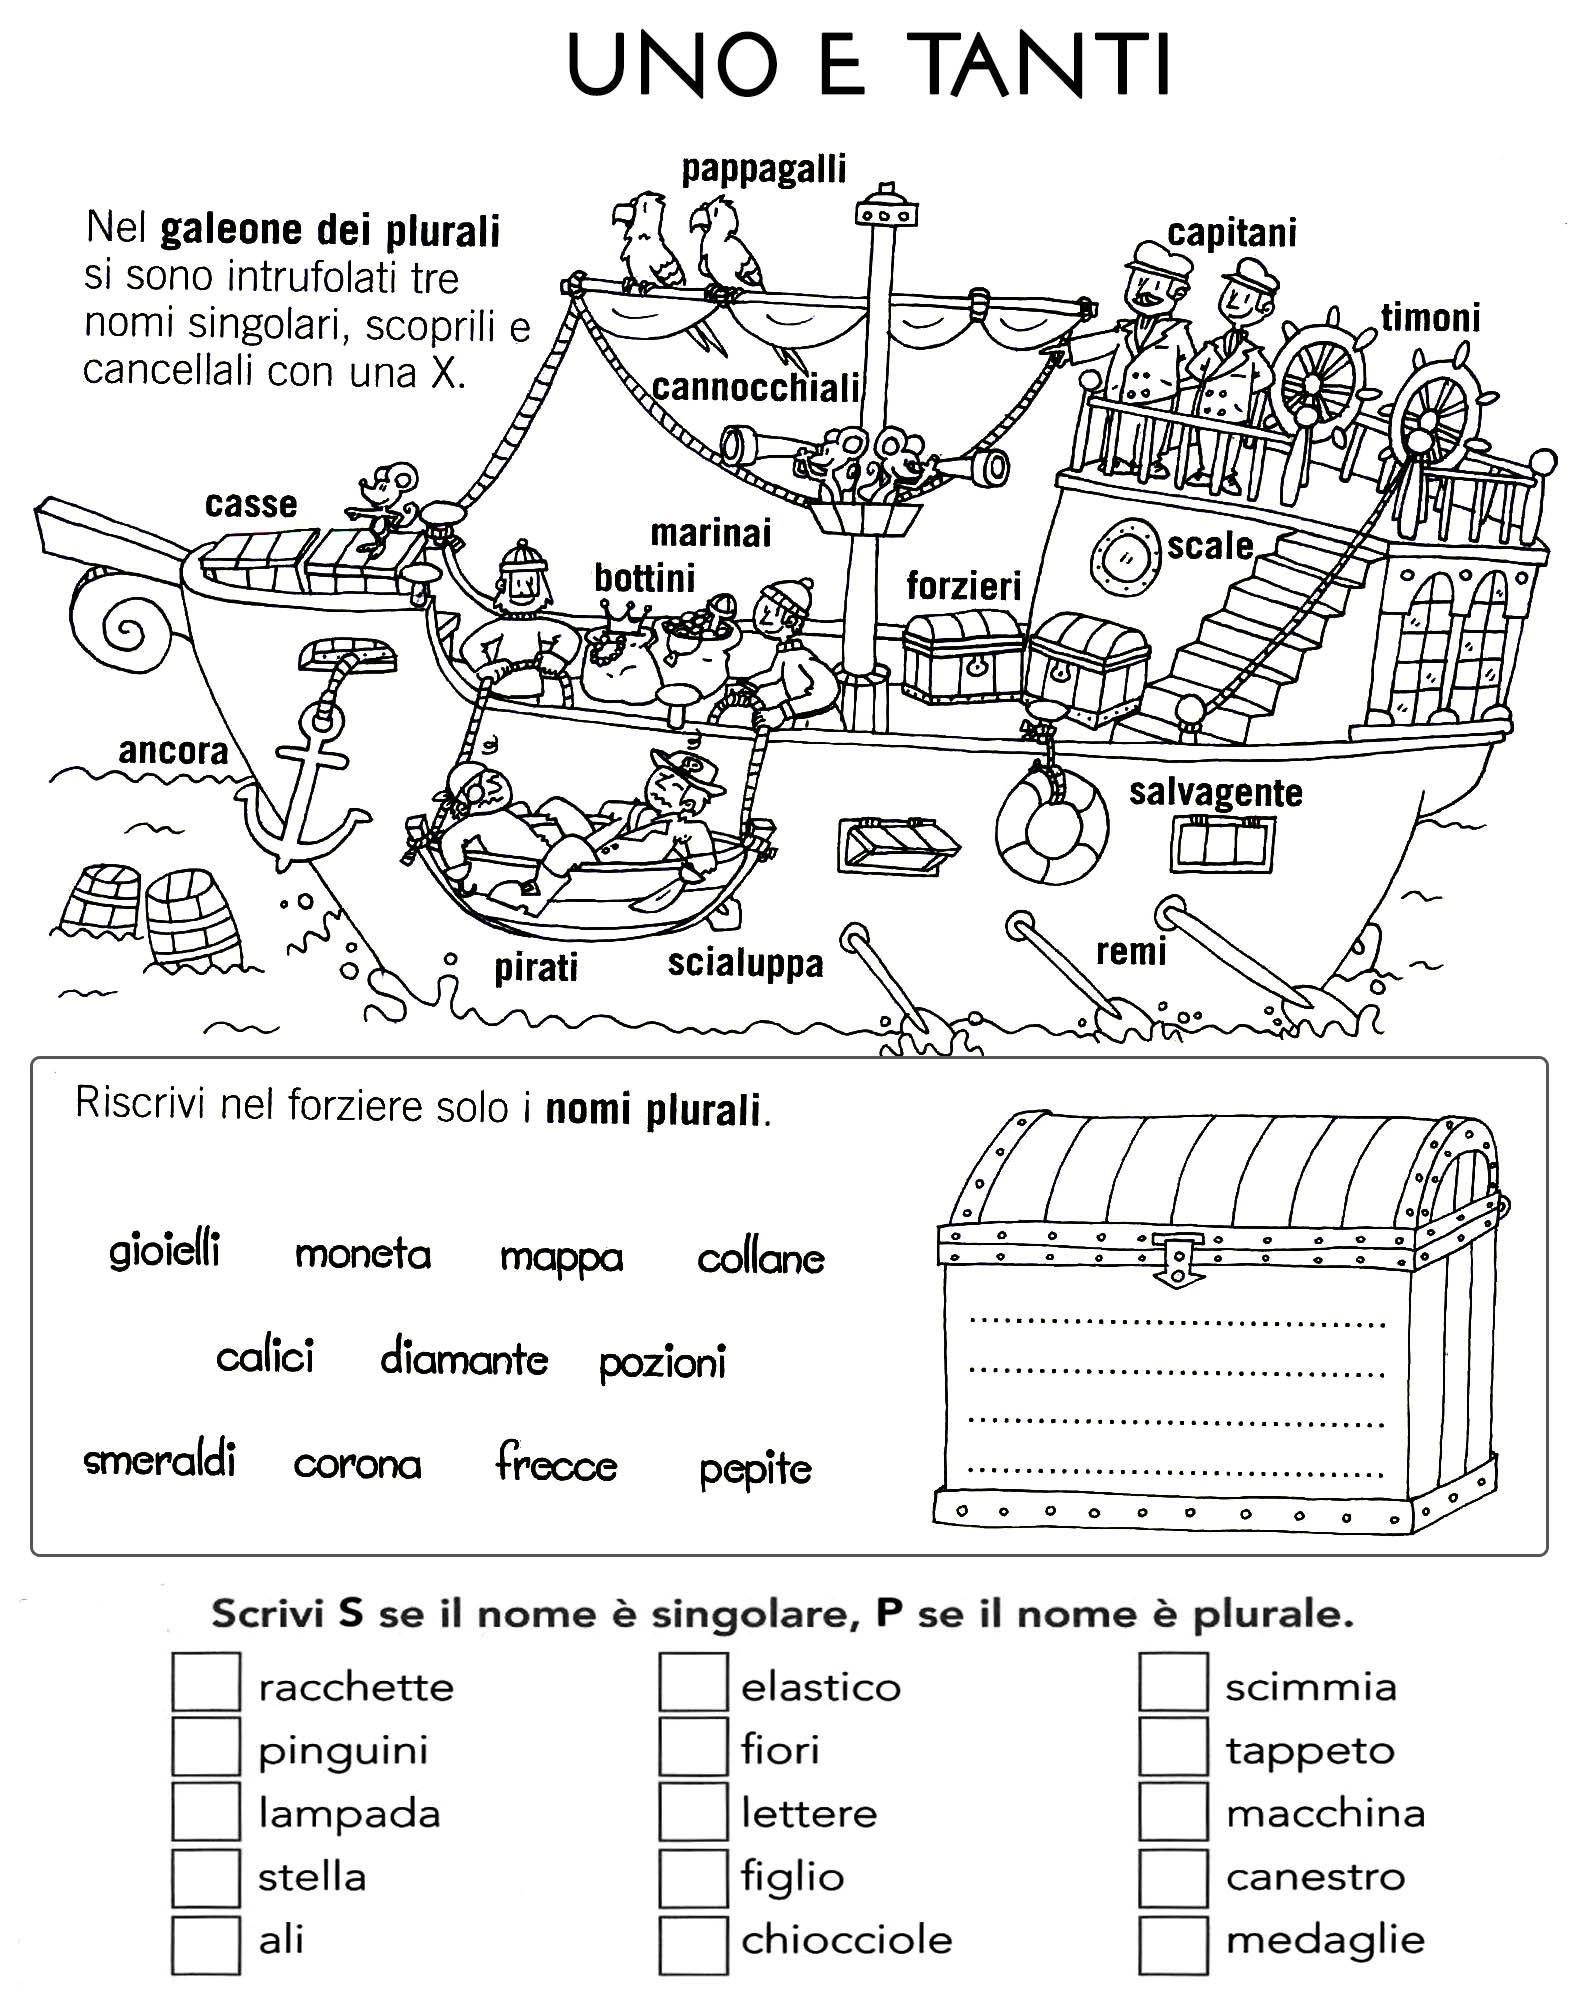 Pin von Paola auf Scuola | Pinterest | Italienisch, Italien und Lernen